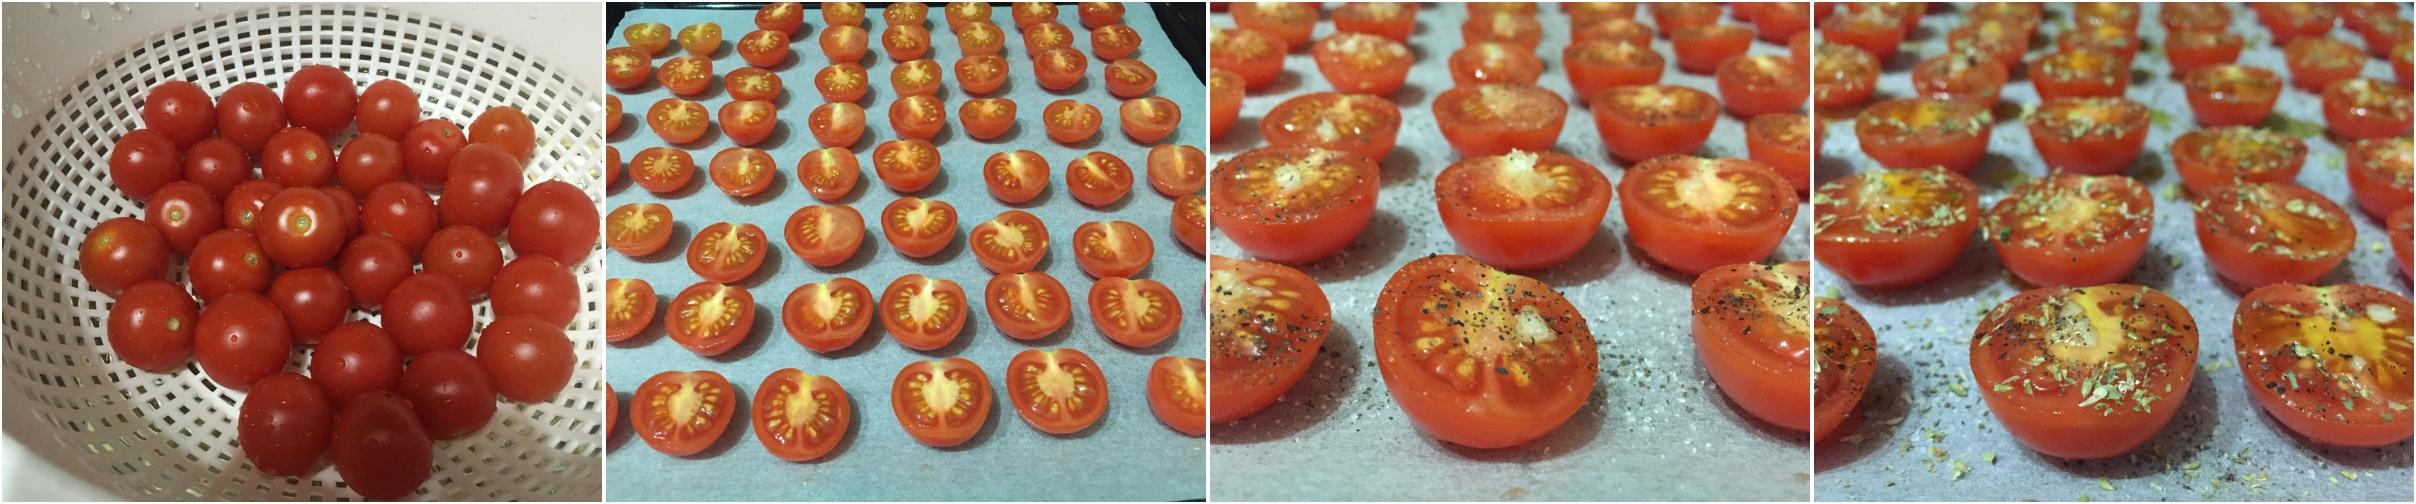 preparazione pomodorini confit